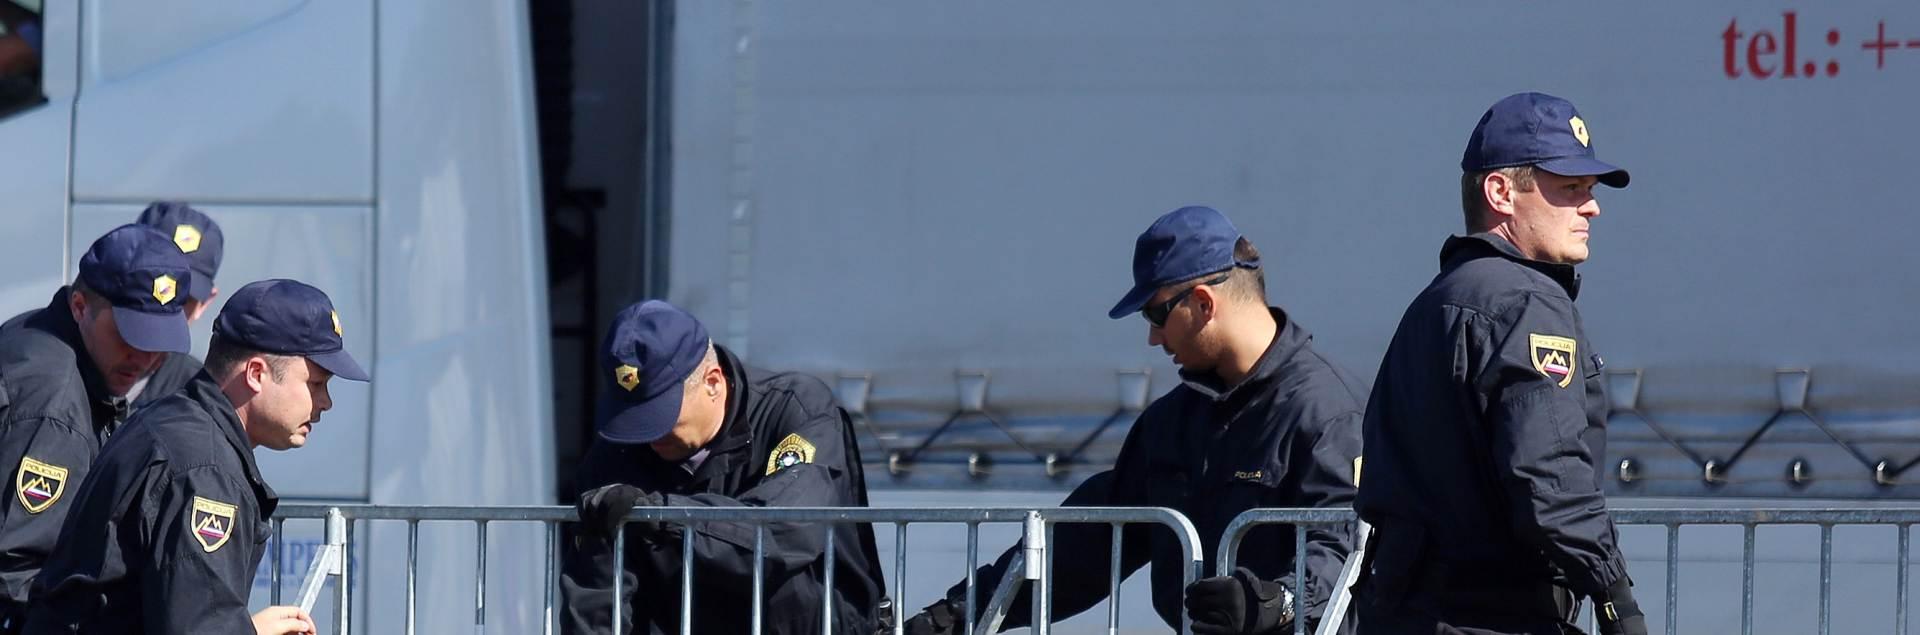 Mladić iz Poreča u Sloveniji osuđen za terorizam